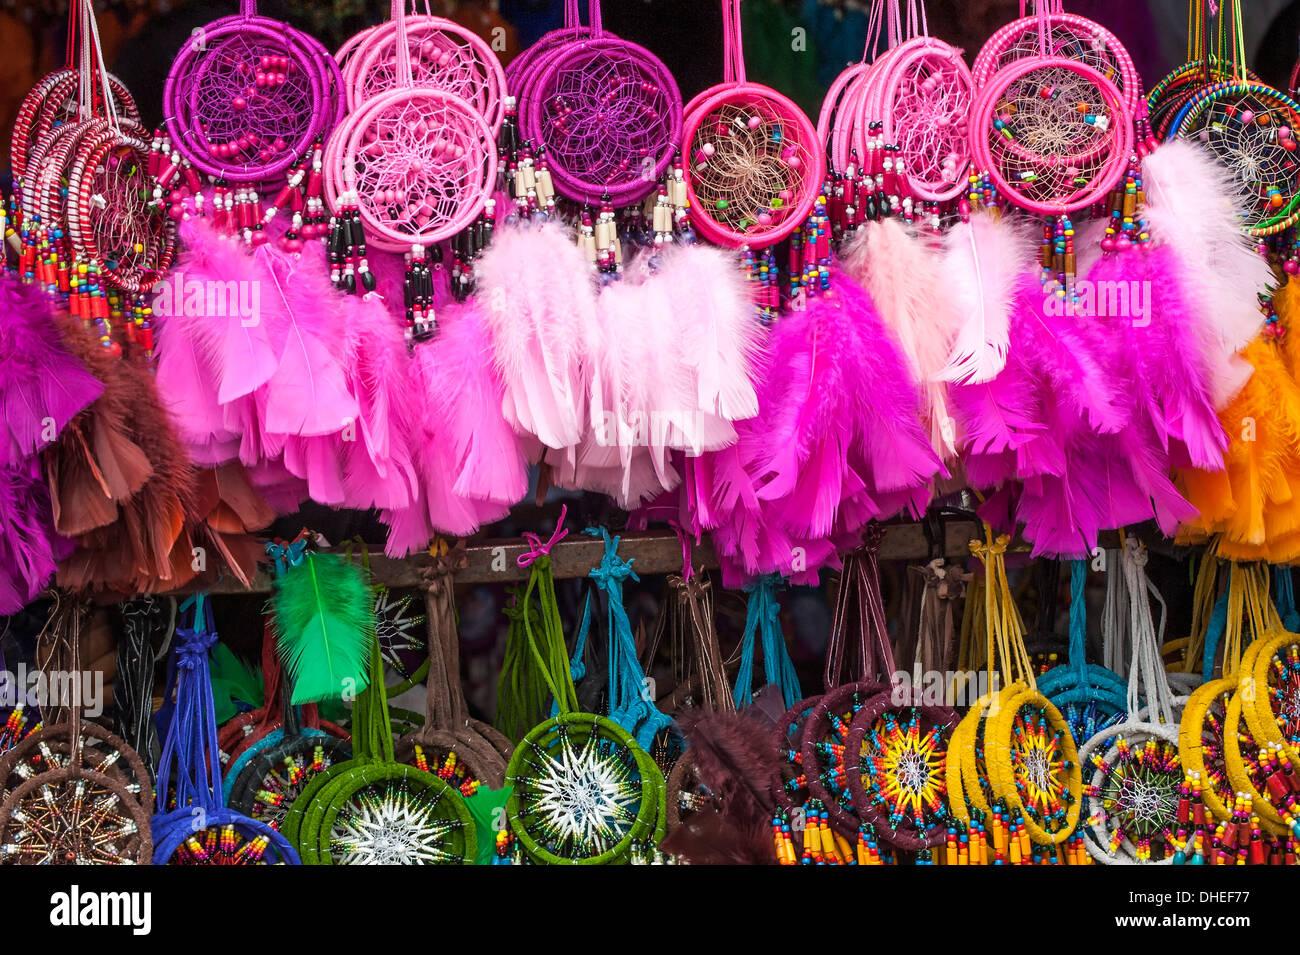 Otavalo market, souvenir shop, Imbabura Province, Ecuador - Stock Image